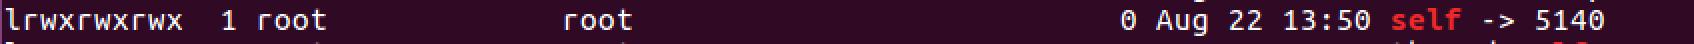 screen shot 2017-08-22 at 14 01 48